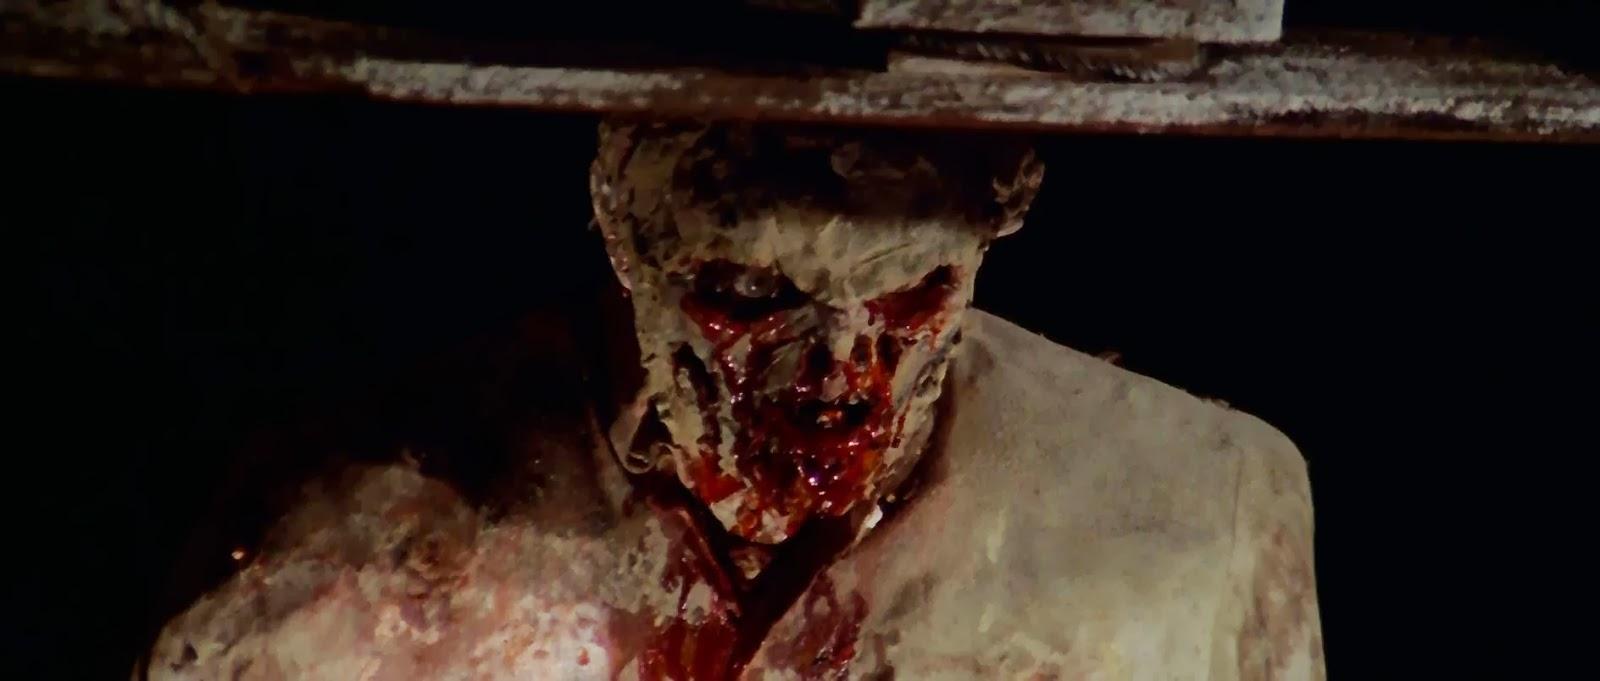 L'Enfer des zombies de Lucio Fulci